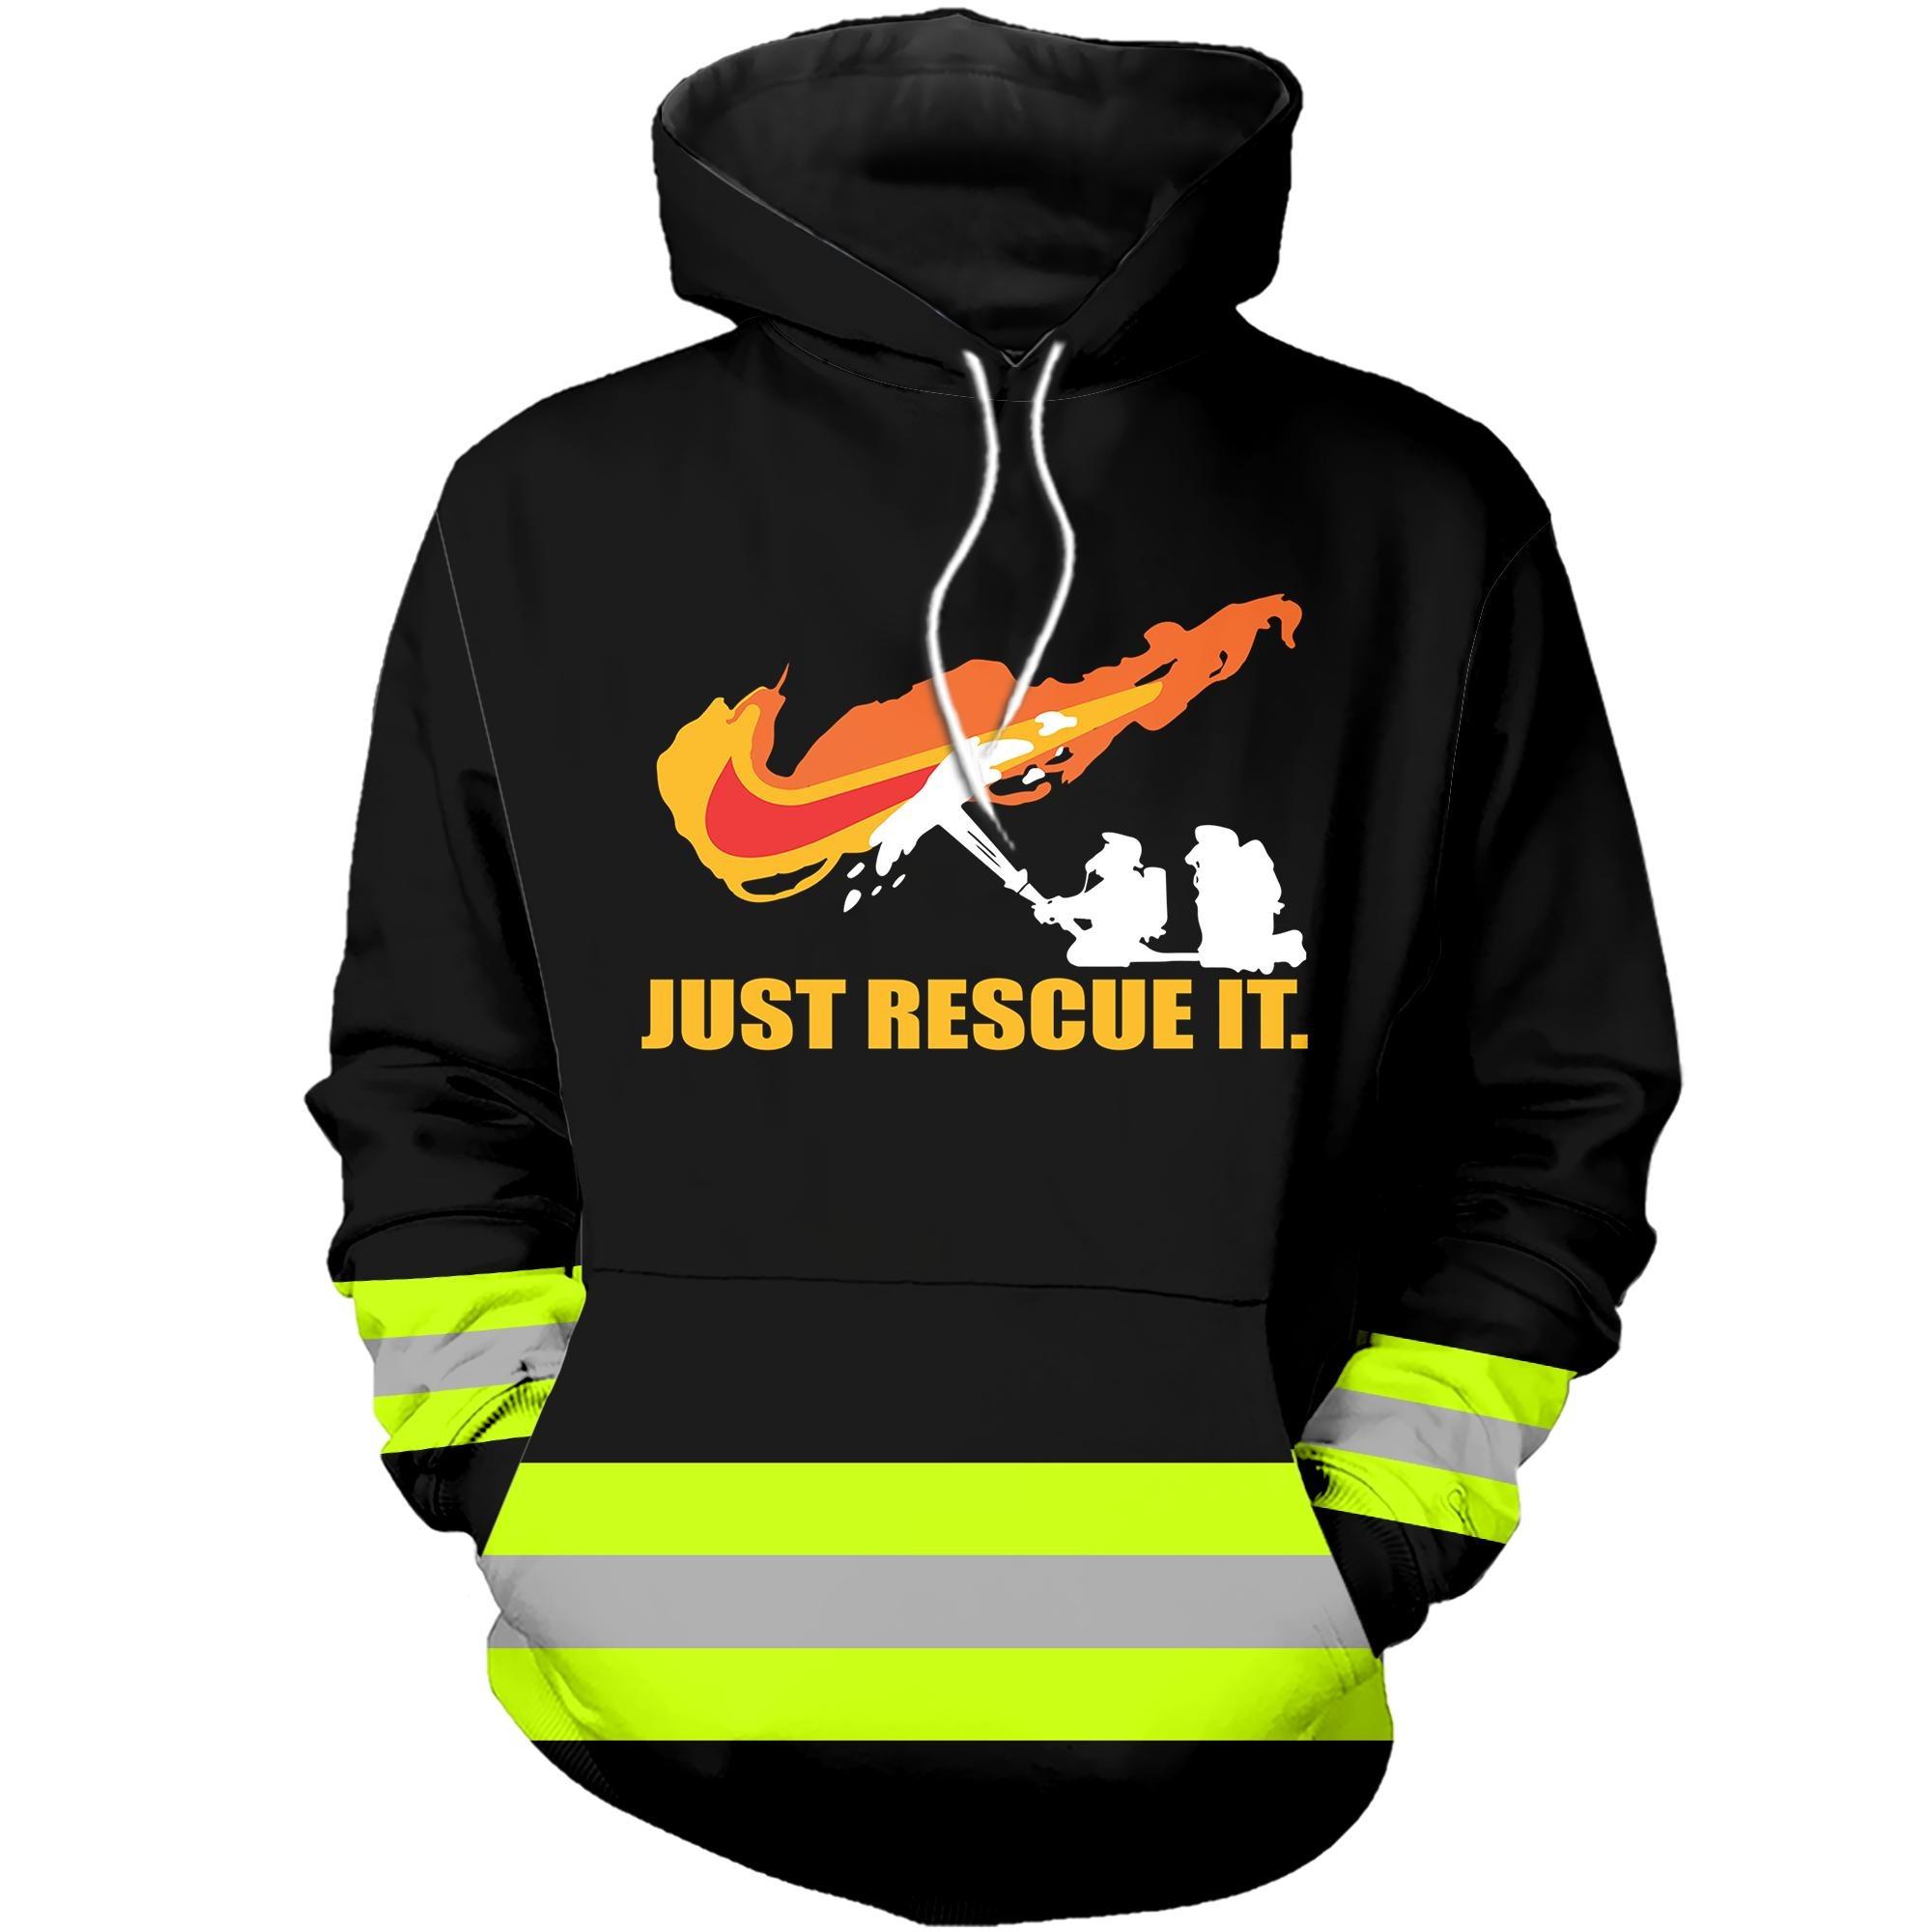 A badass firefighter 3D hot hoodie